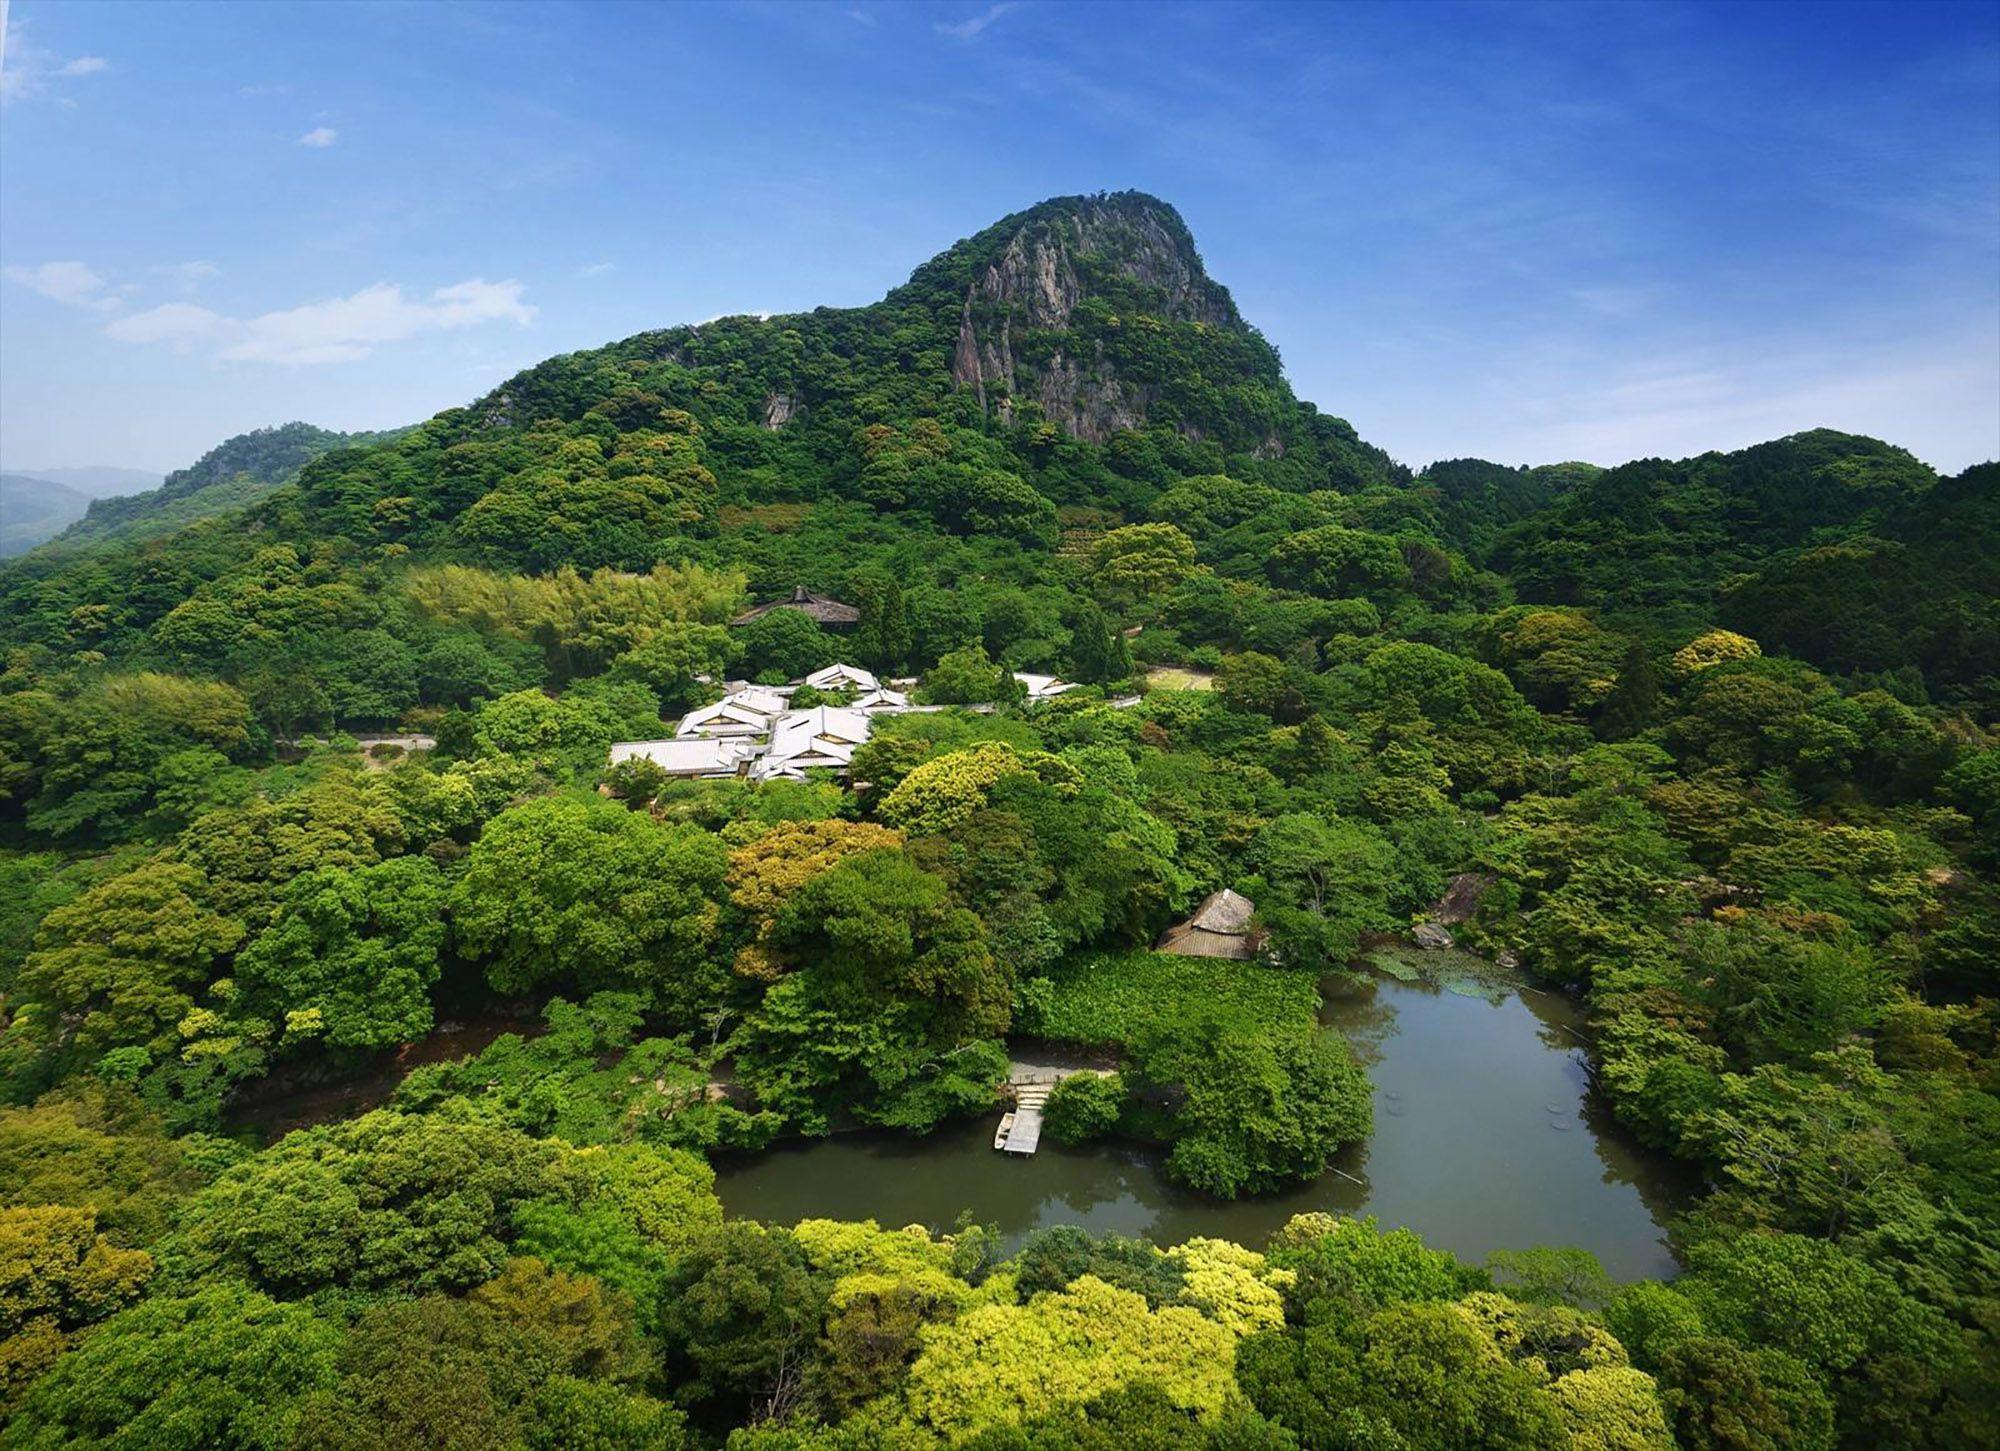 日本有数の巨木を有する森を利用して江戸時代後期に創設された庭園、御船山楽園。